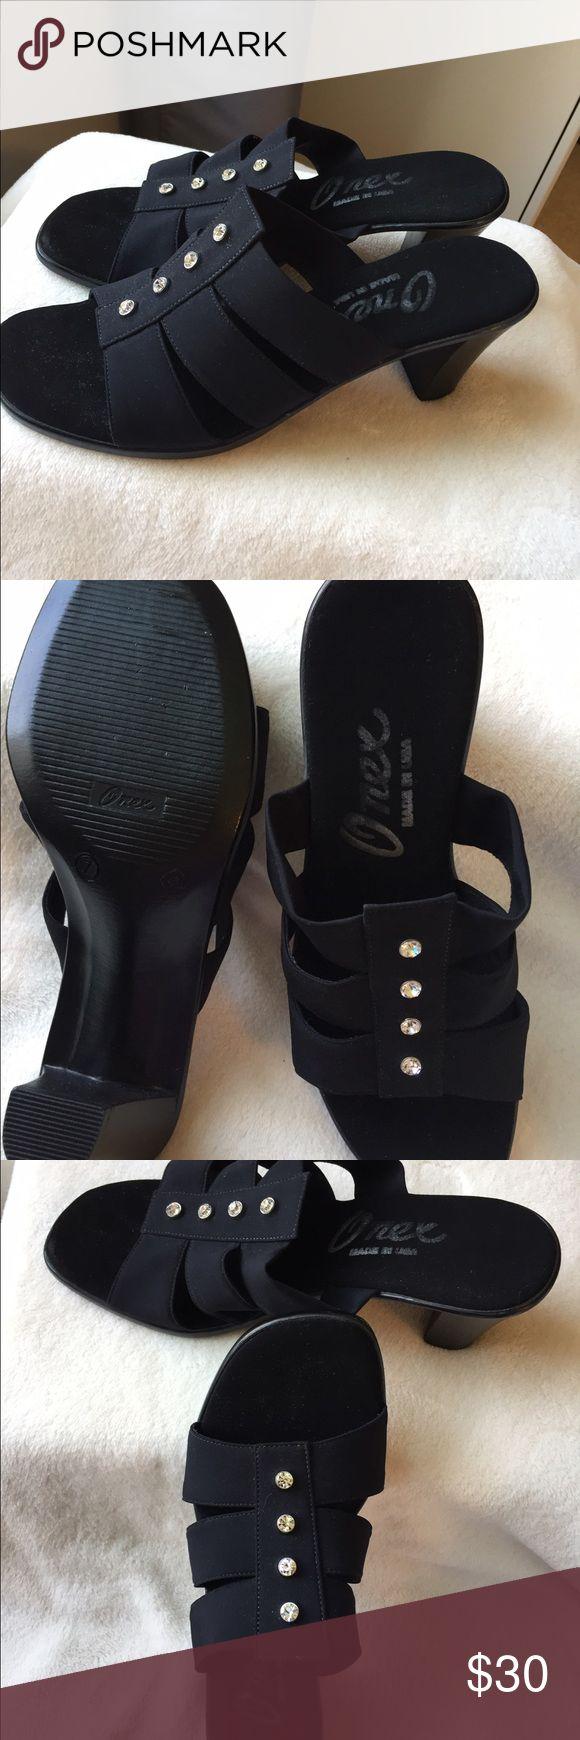 Never worn Black Heels Never worn Onex black heels size 7 Onex Shoes Heels